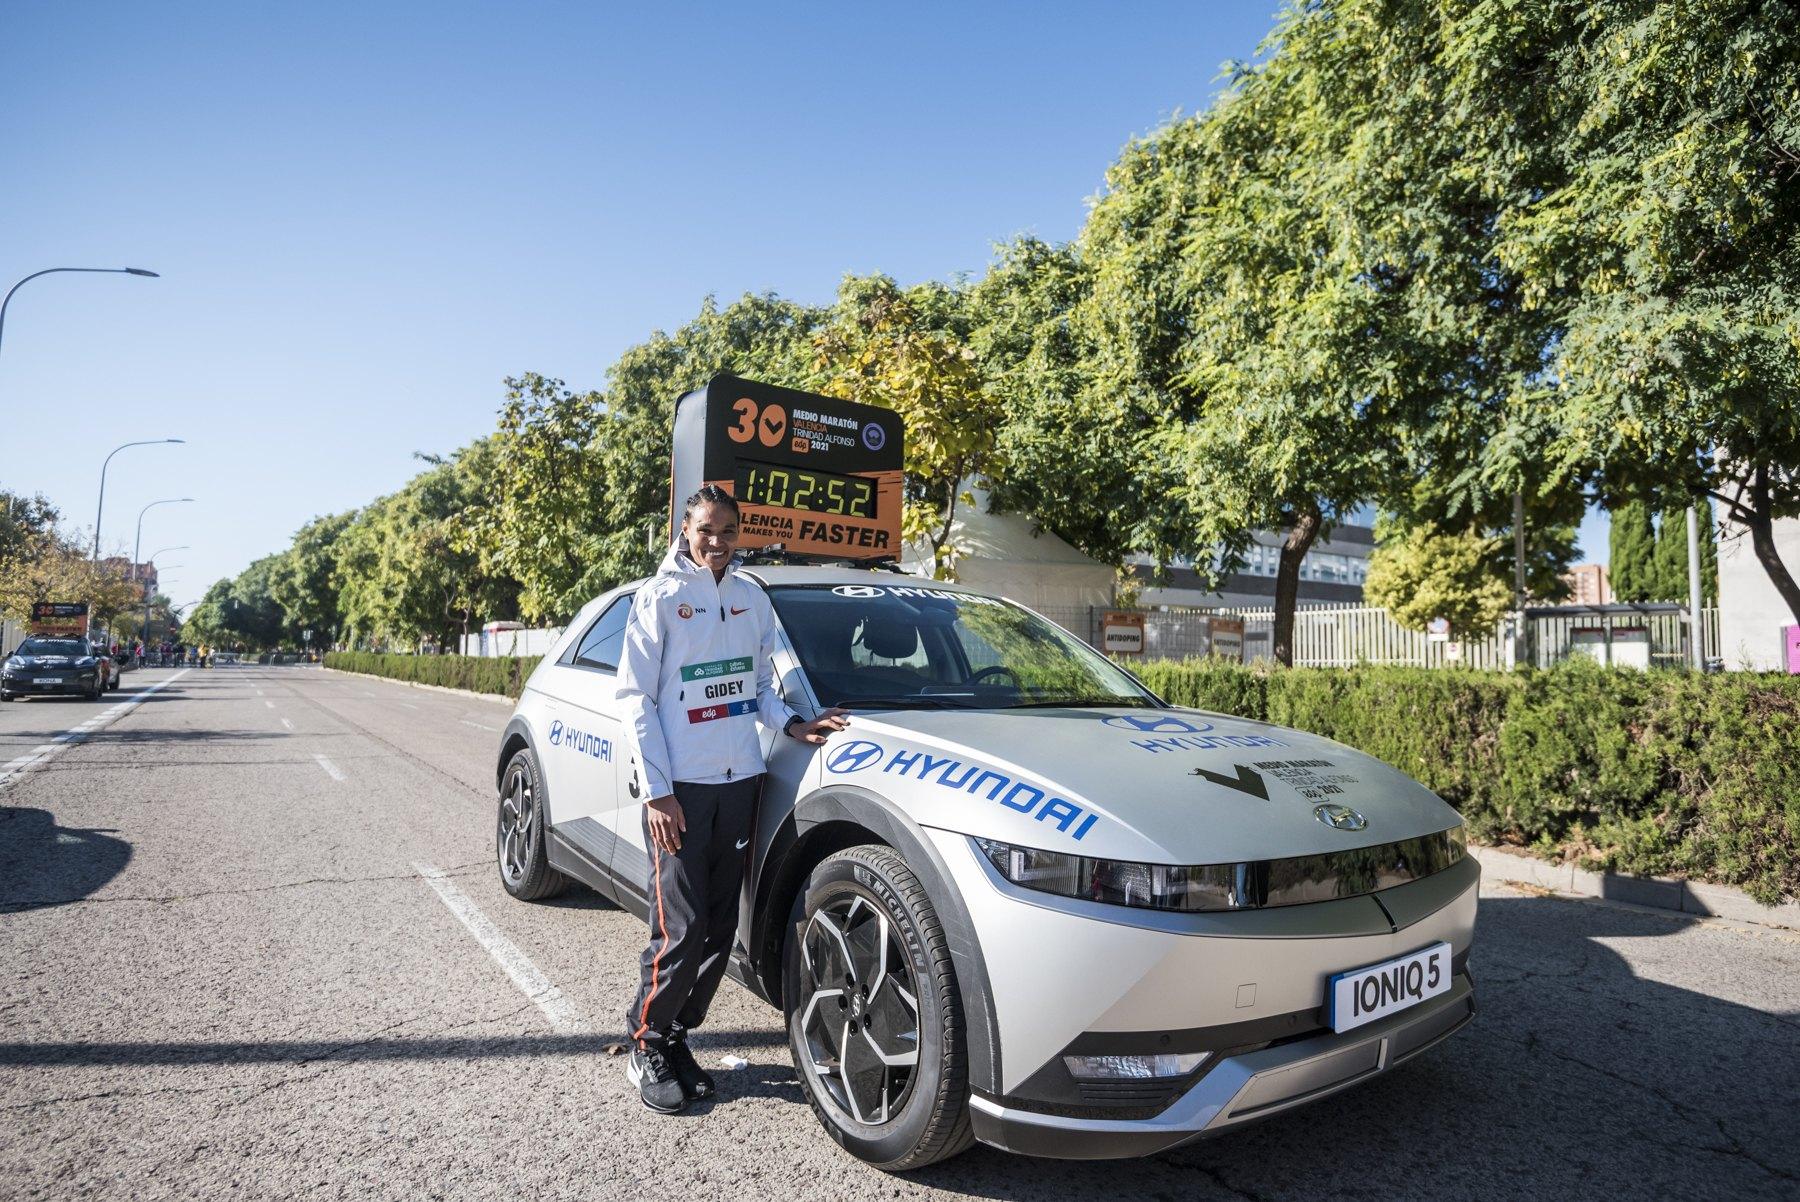 media maraton de valencia españa marcas records europeos europa